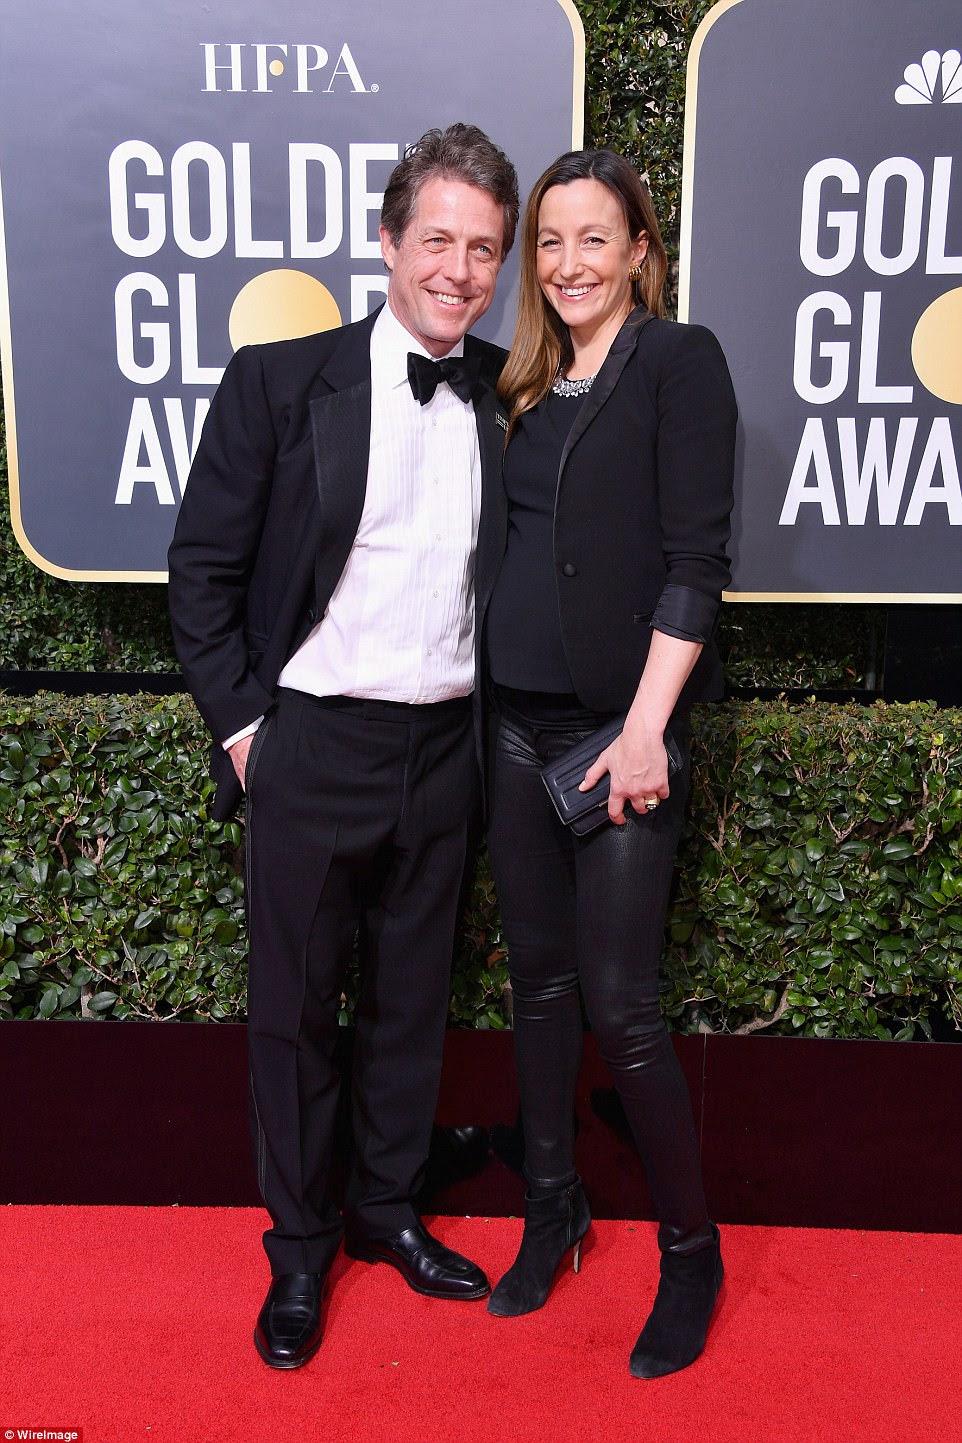 Tão feliz: Hugh Grant e sua namorada Anna Eberstein também participaram